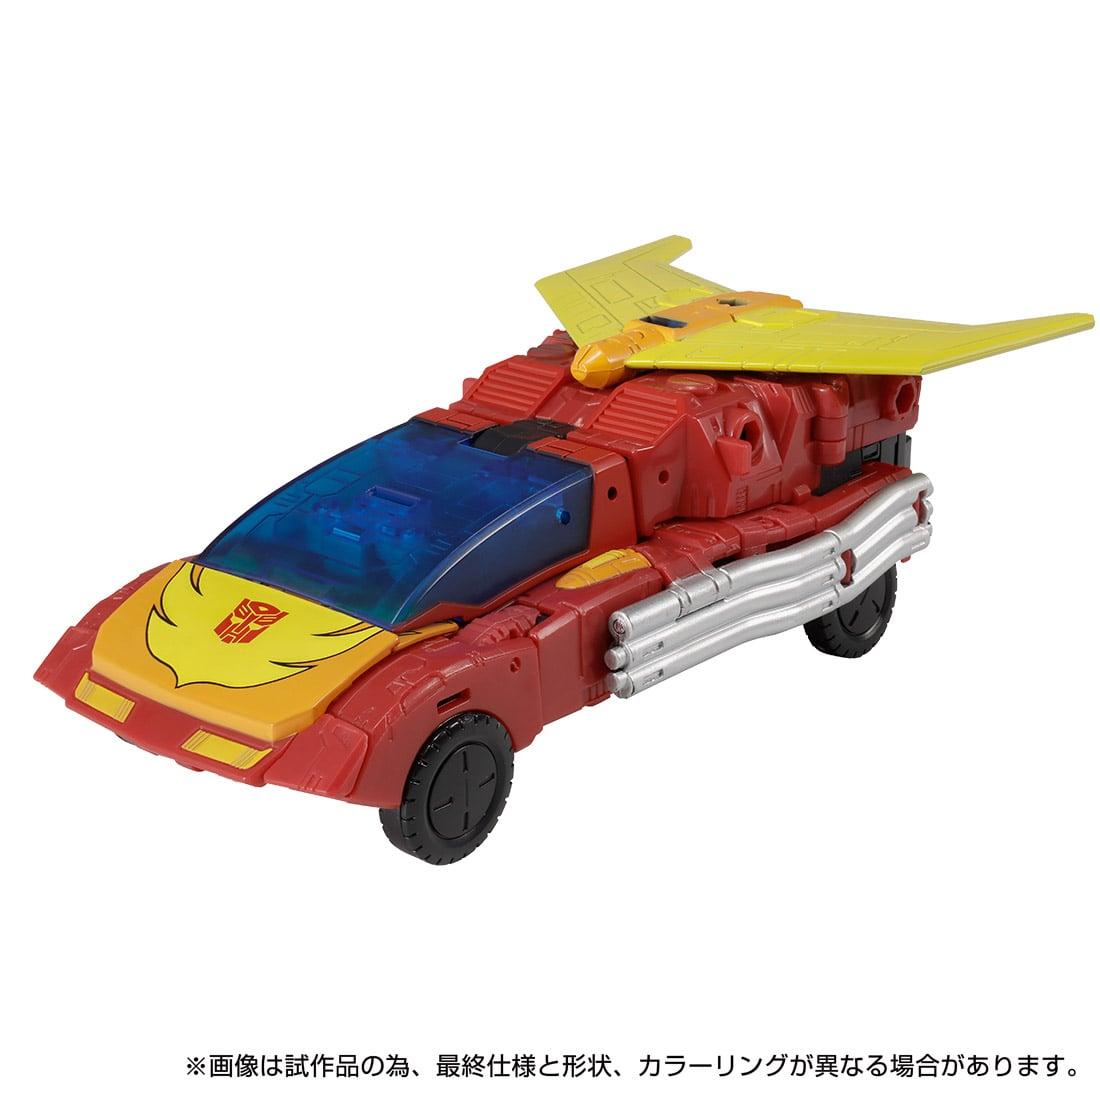 トランスフォーマー キングダム『KD-12 ロディマスプライム』可変可動フィギュア-005